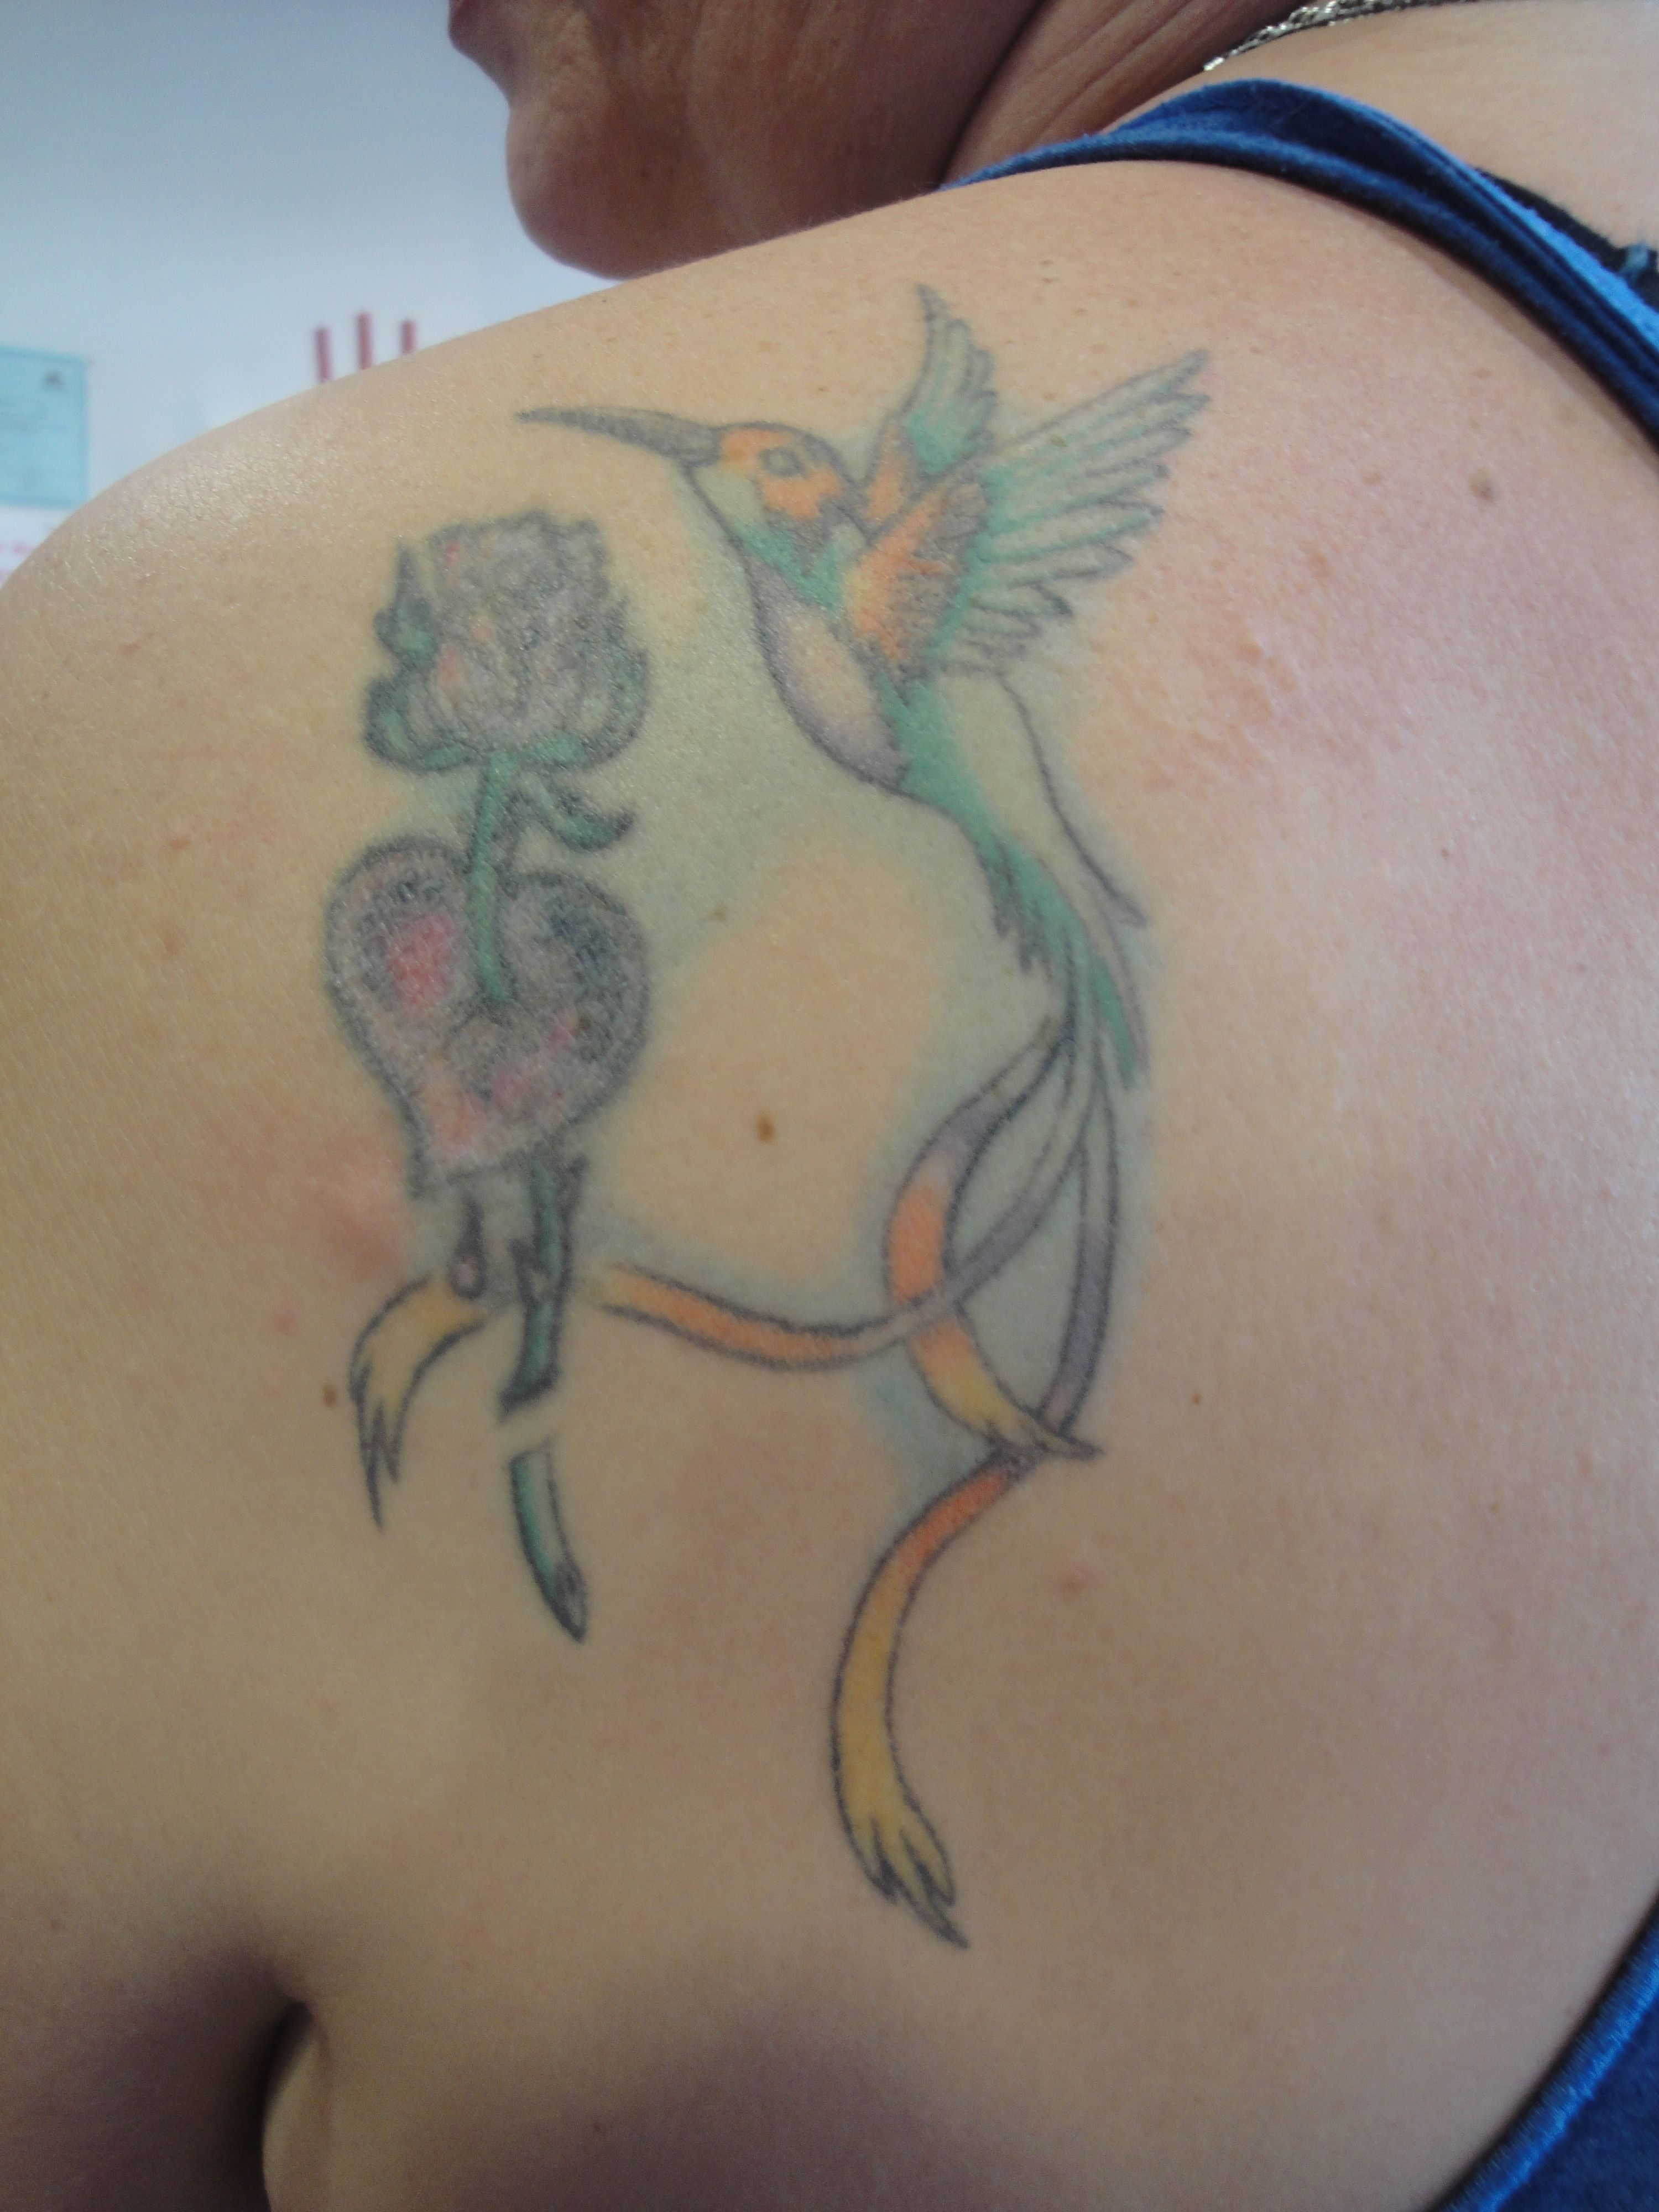 Tatouage A Recouvrir Recouvrement D Un Vieux Tatouage Couleur